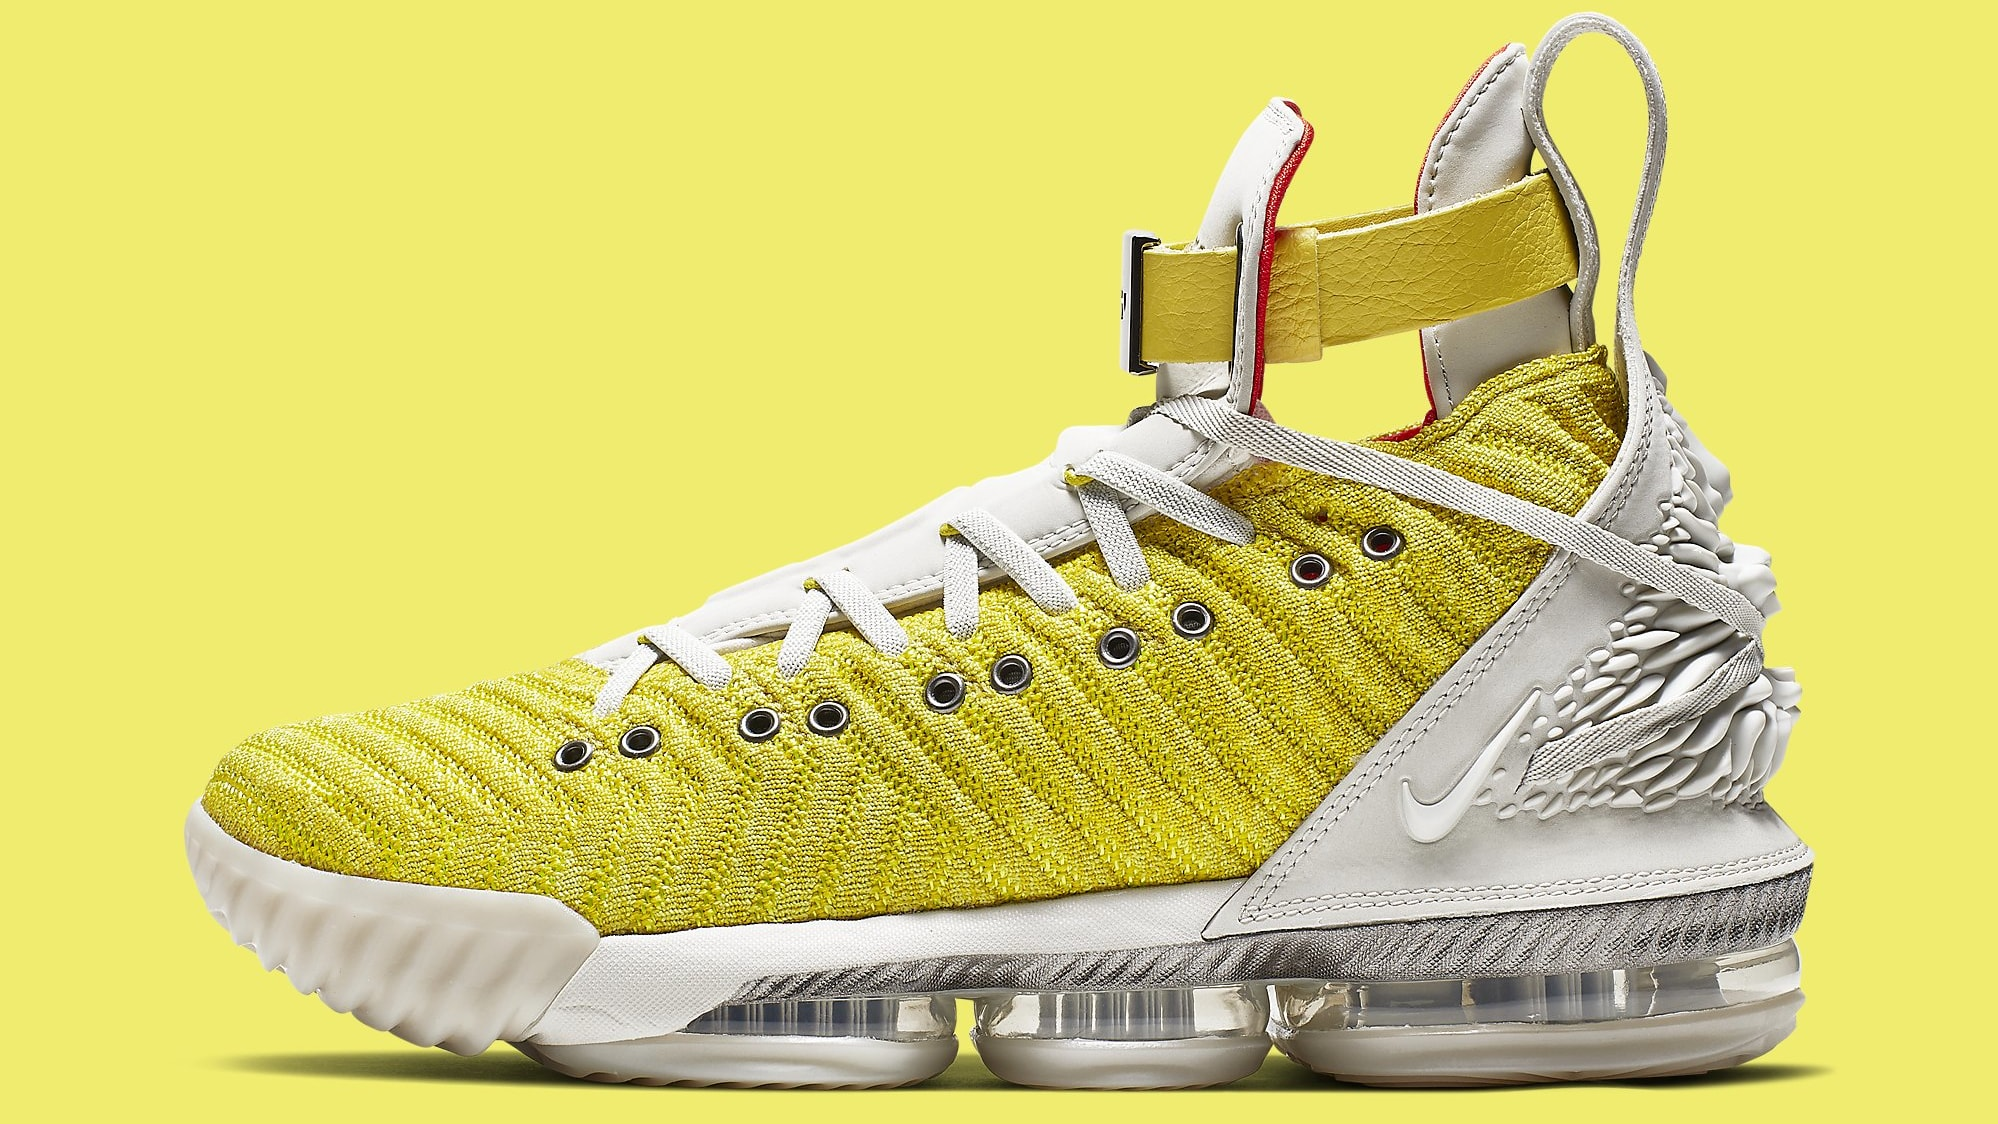 0f4303a4f2a Nike LeBron 16 XVI HFR Bright Citron Release Date CI1145-700 Profile